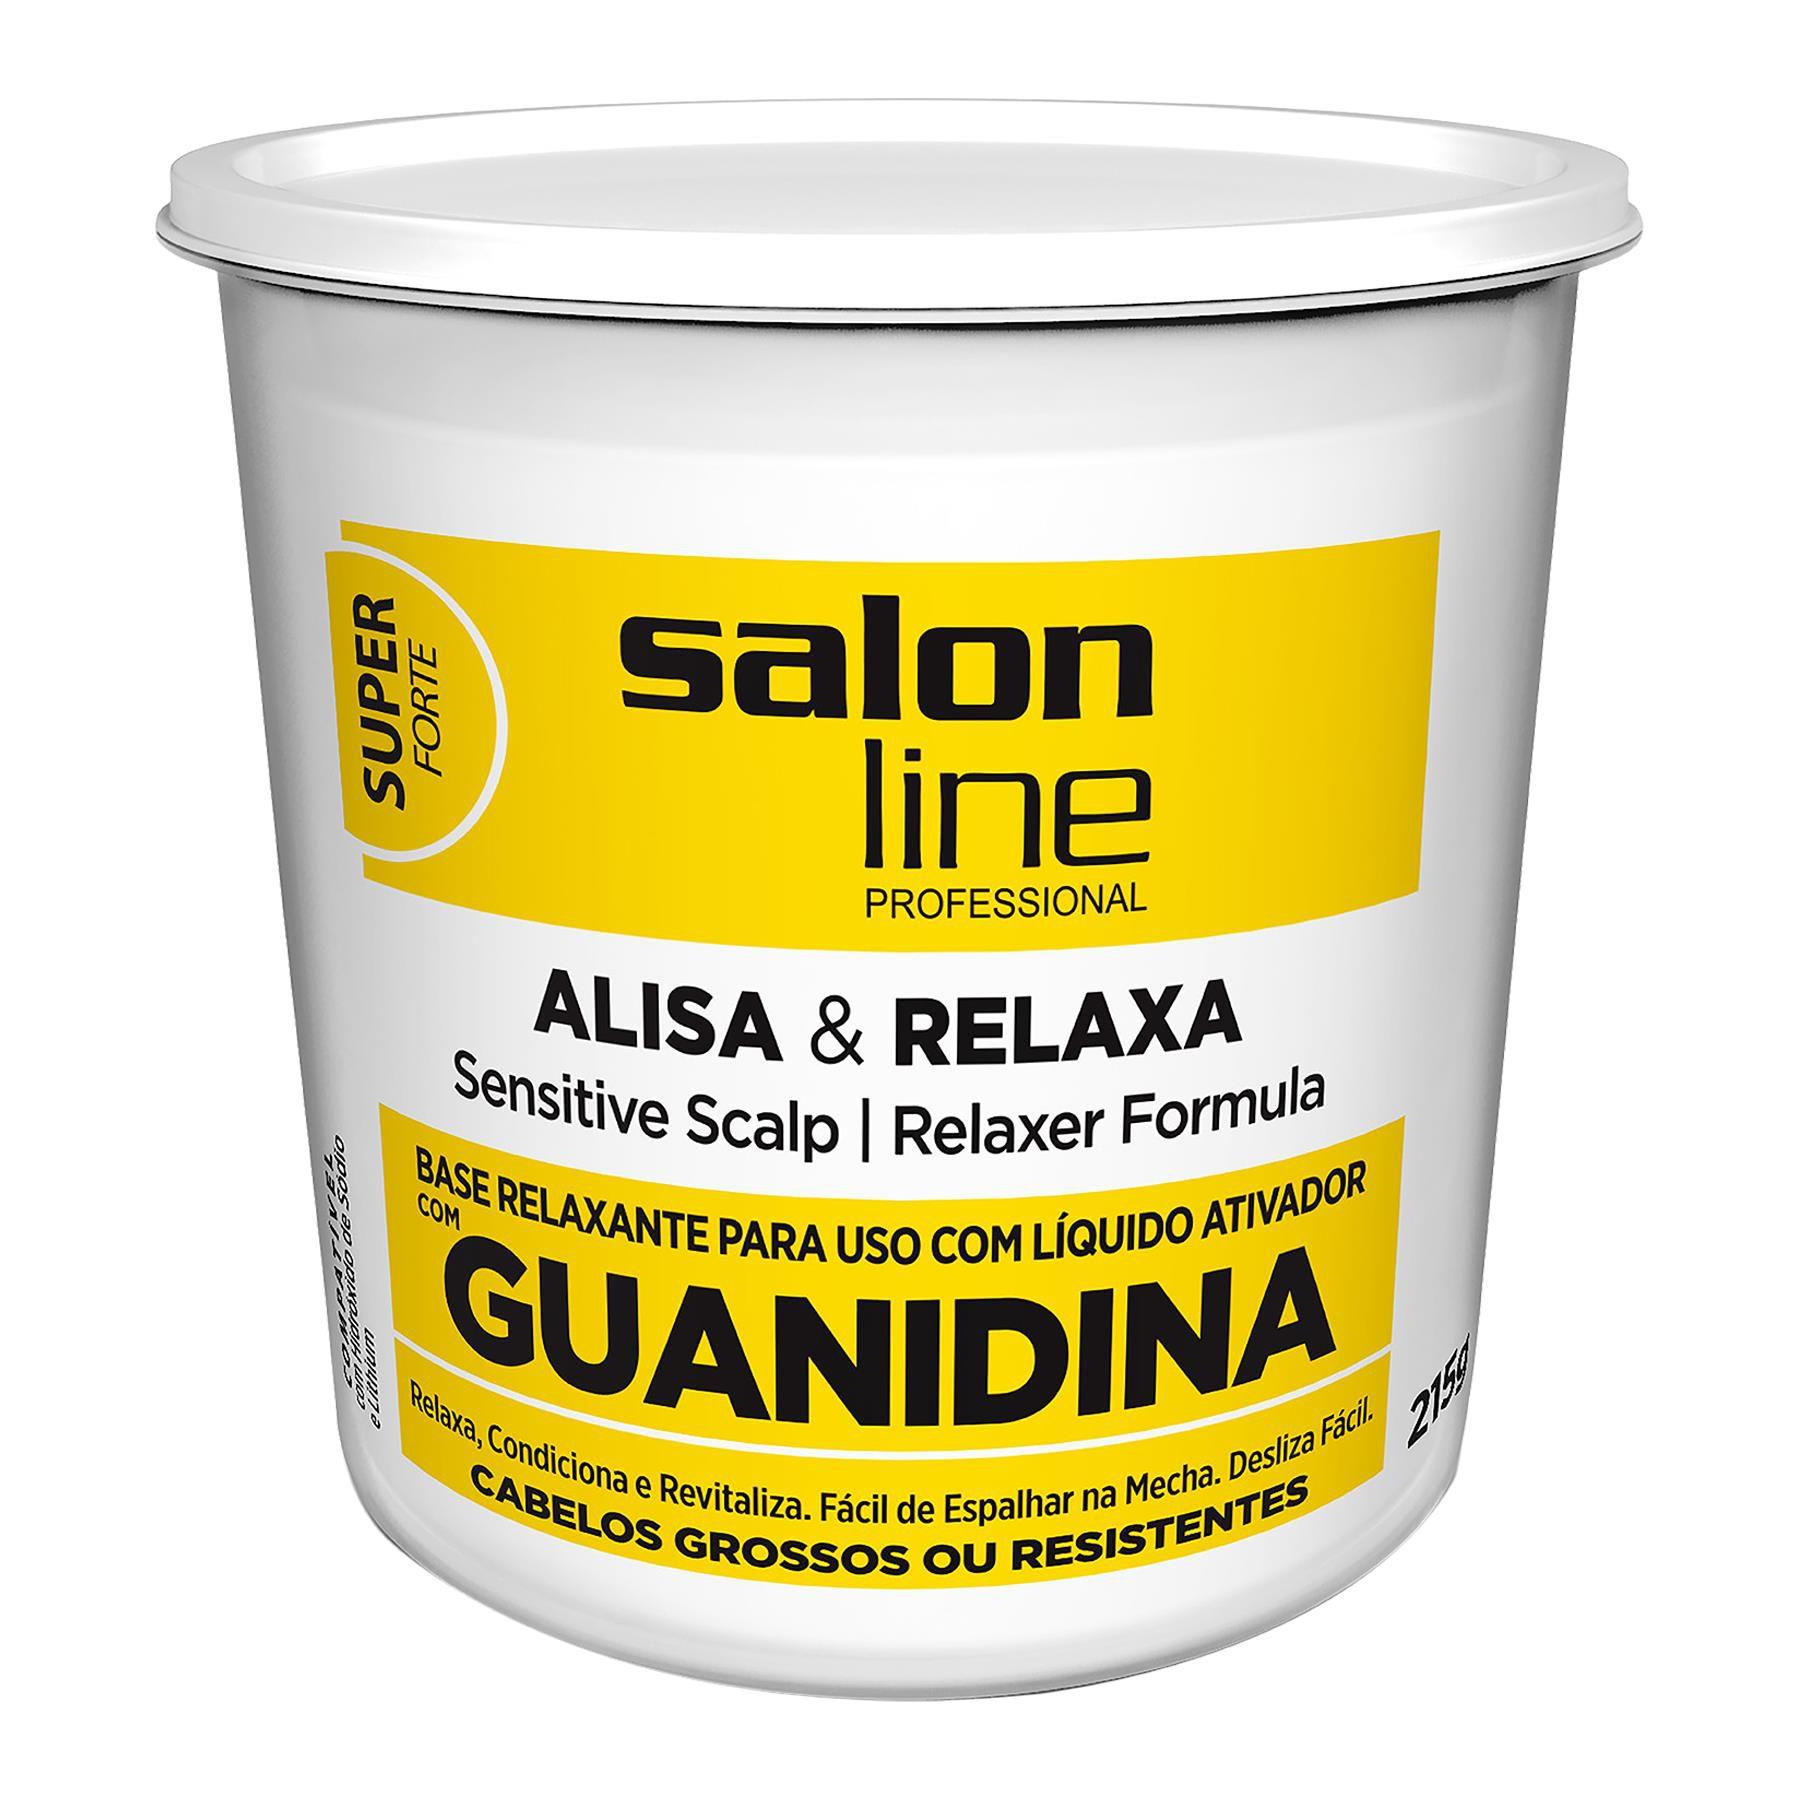 Salon Line Base Relaxante de Guadinina Alisa & Relaxa Super Forte 215g